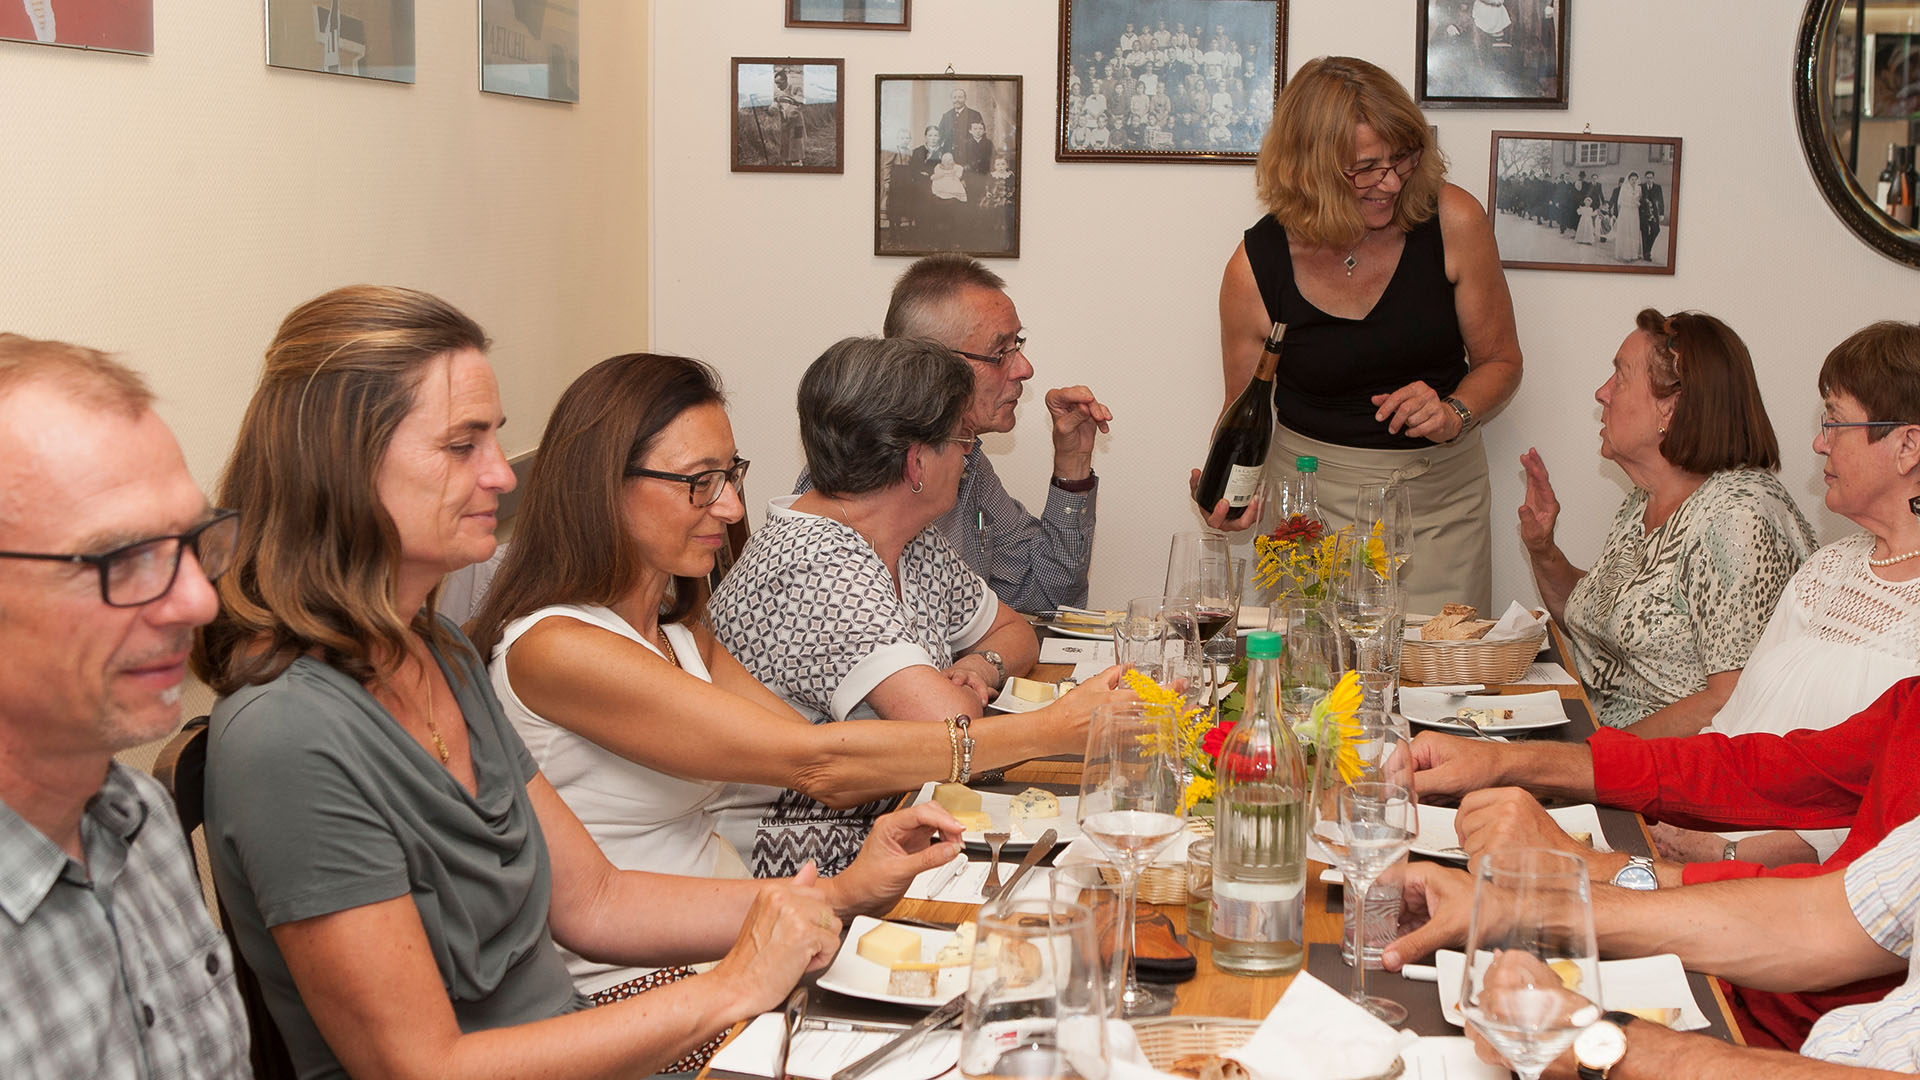 Gäste des Kulinarik-Events Käse & Wein bei der Verkostung